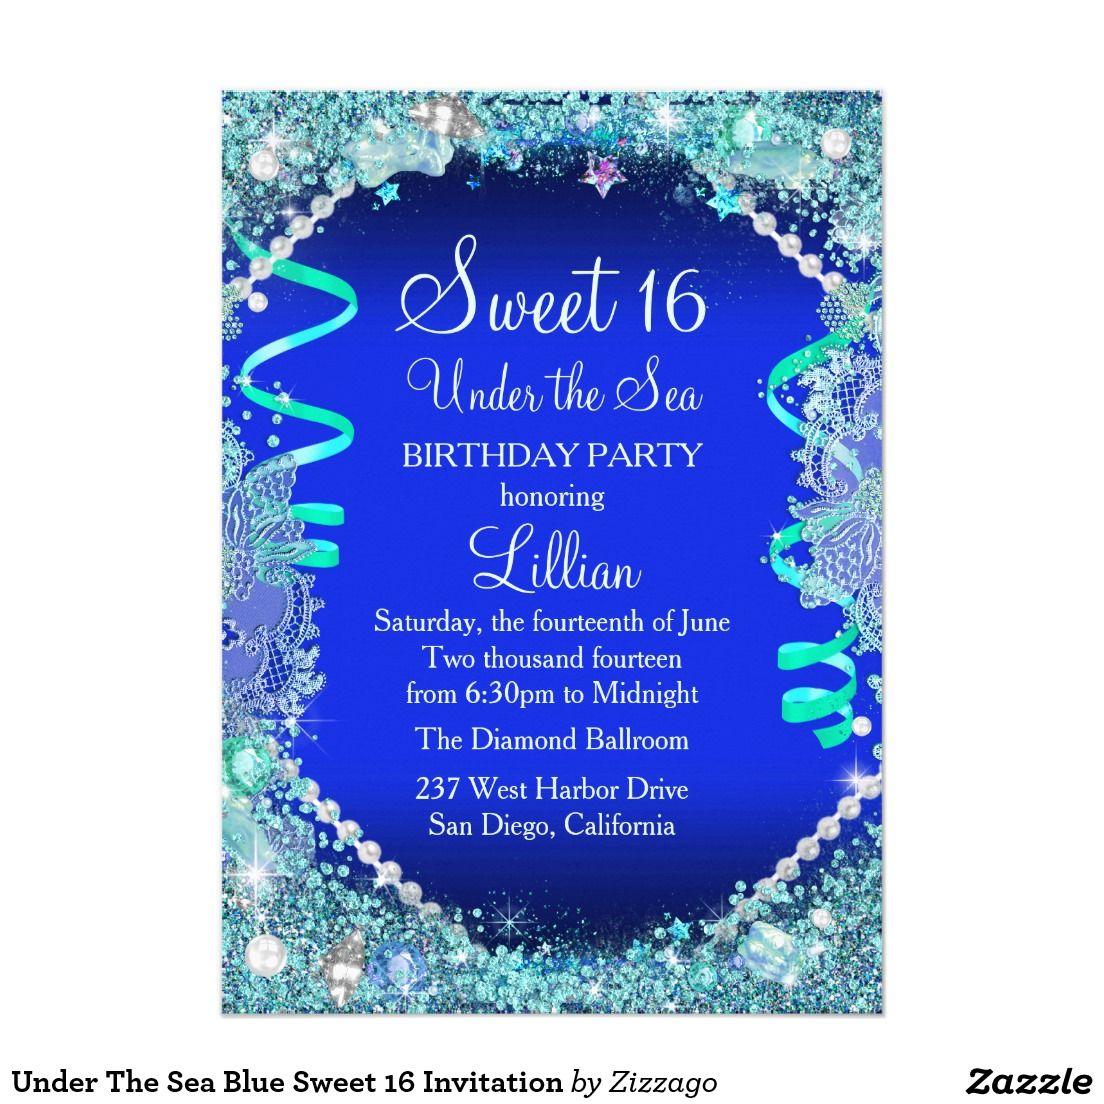 Under The Sea Blue Sweet 16 Invitation | Sweet 16 invitations, Blue ...